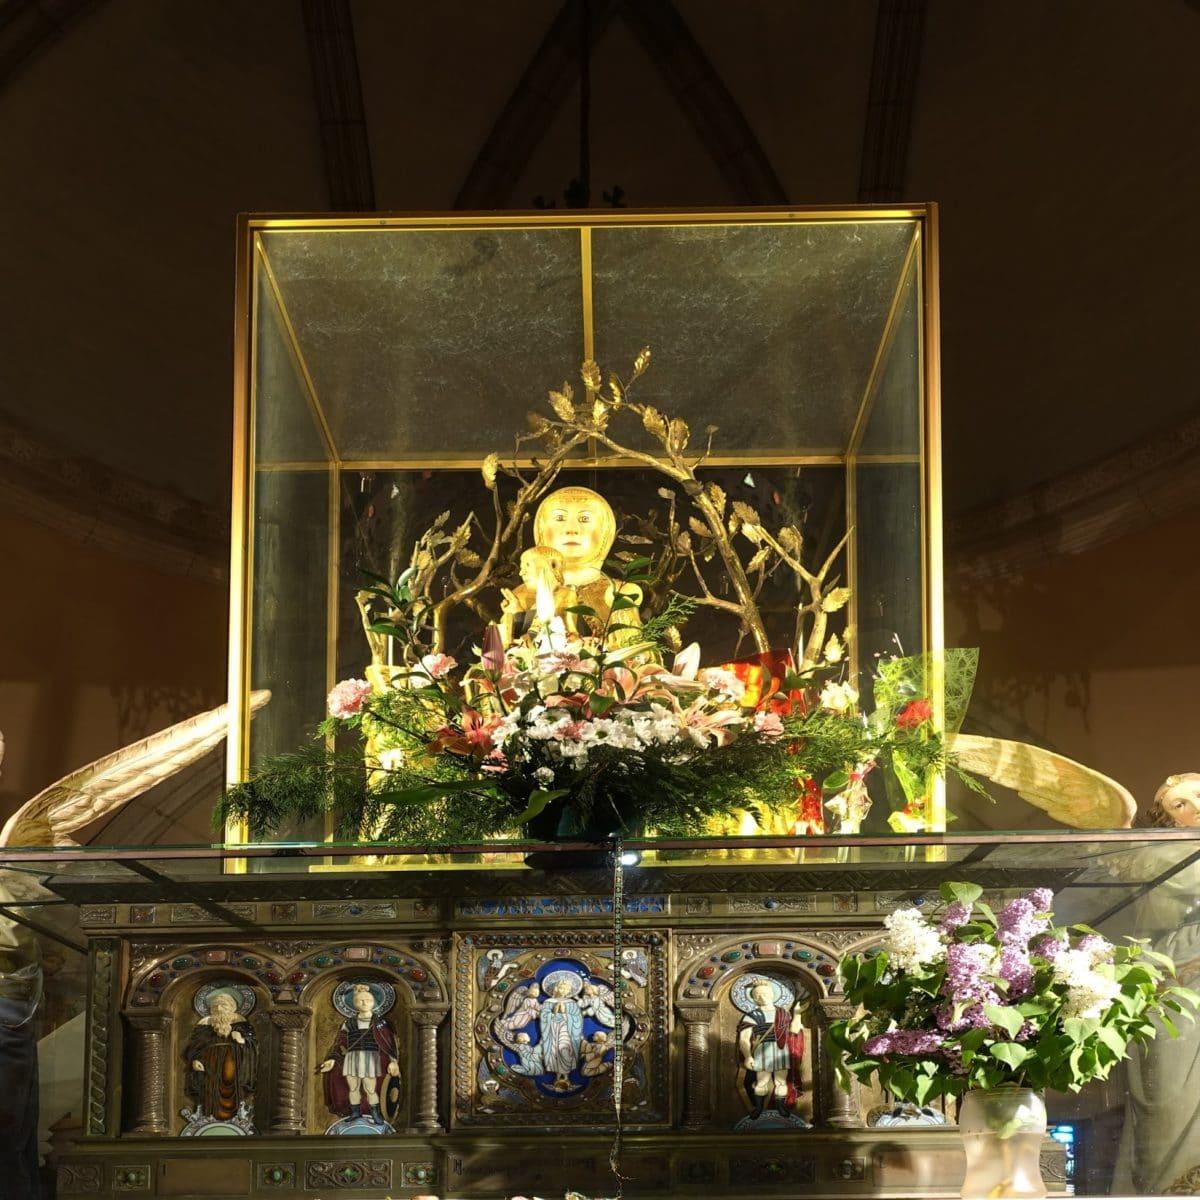 Un recorrido por el Monasterio de Valvanera, sus orígenes y su entorno 7